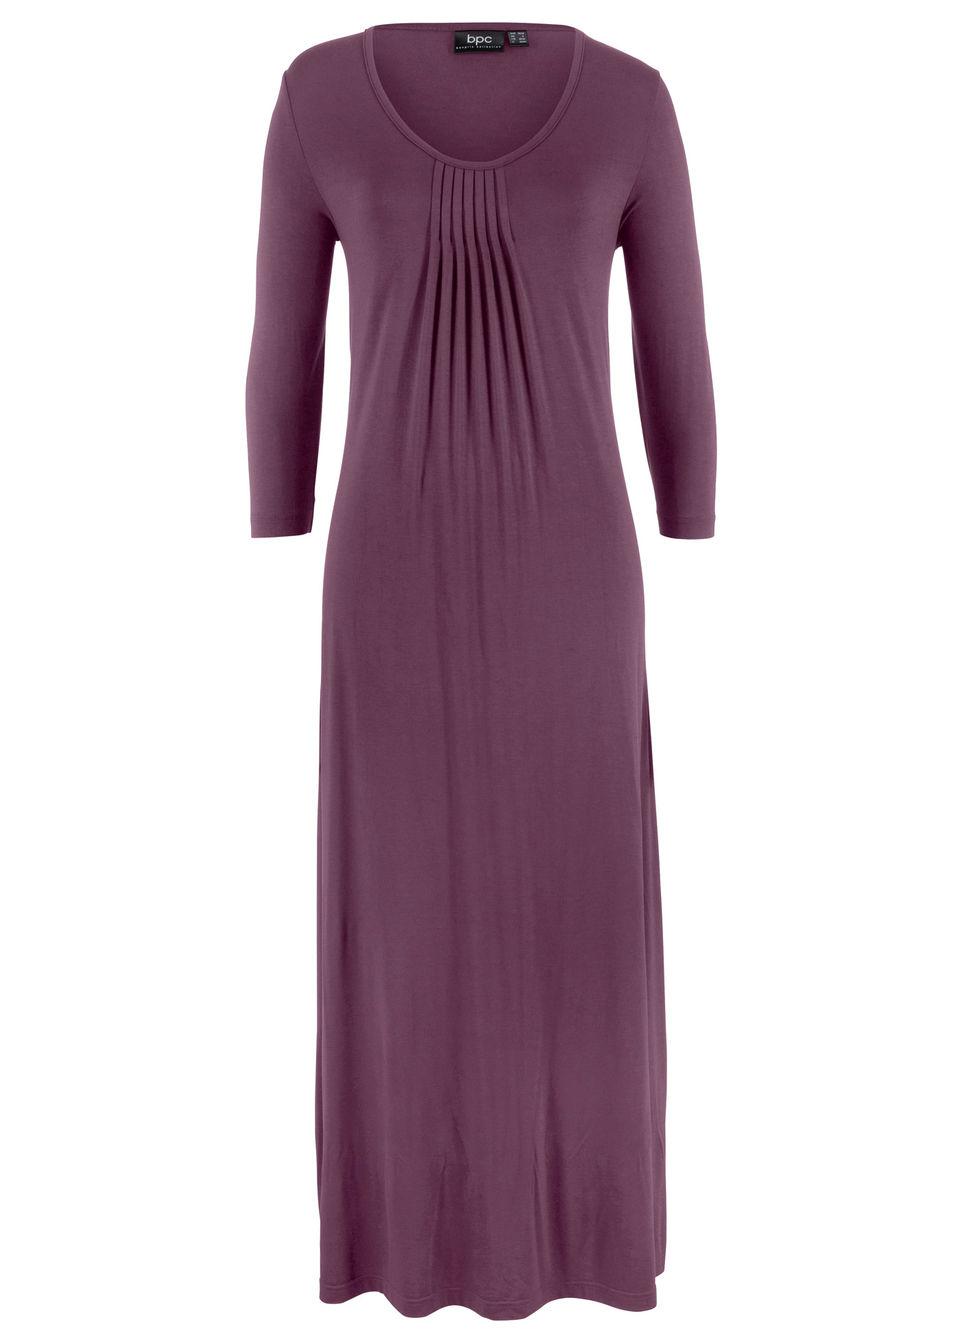 Długa sukienka ze stretchem, o linii litery A, rękawy 3/4 bonprix czarny bez